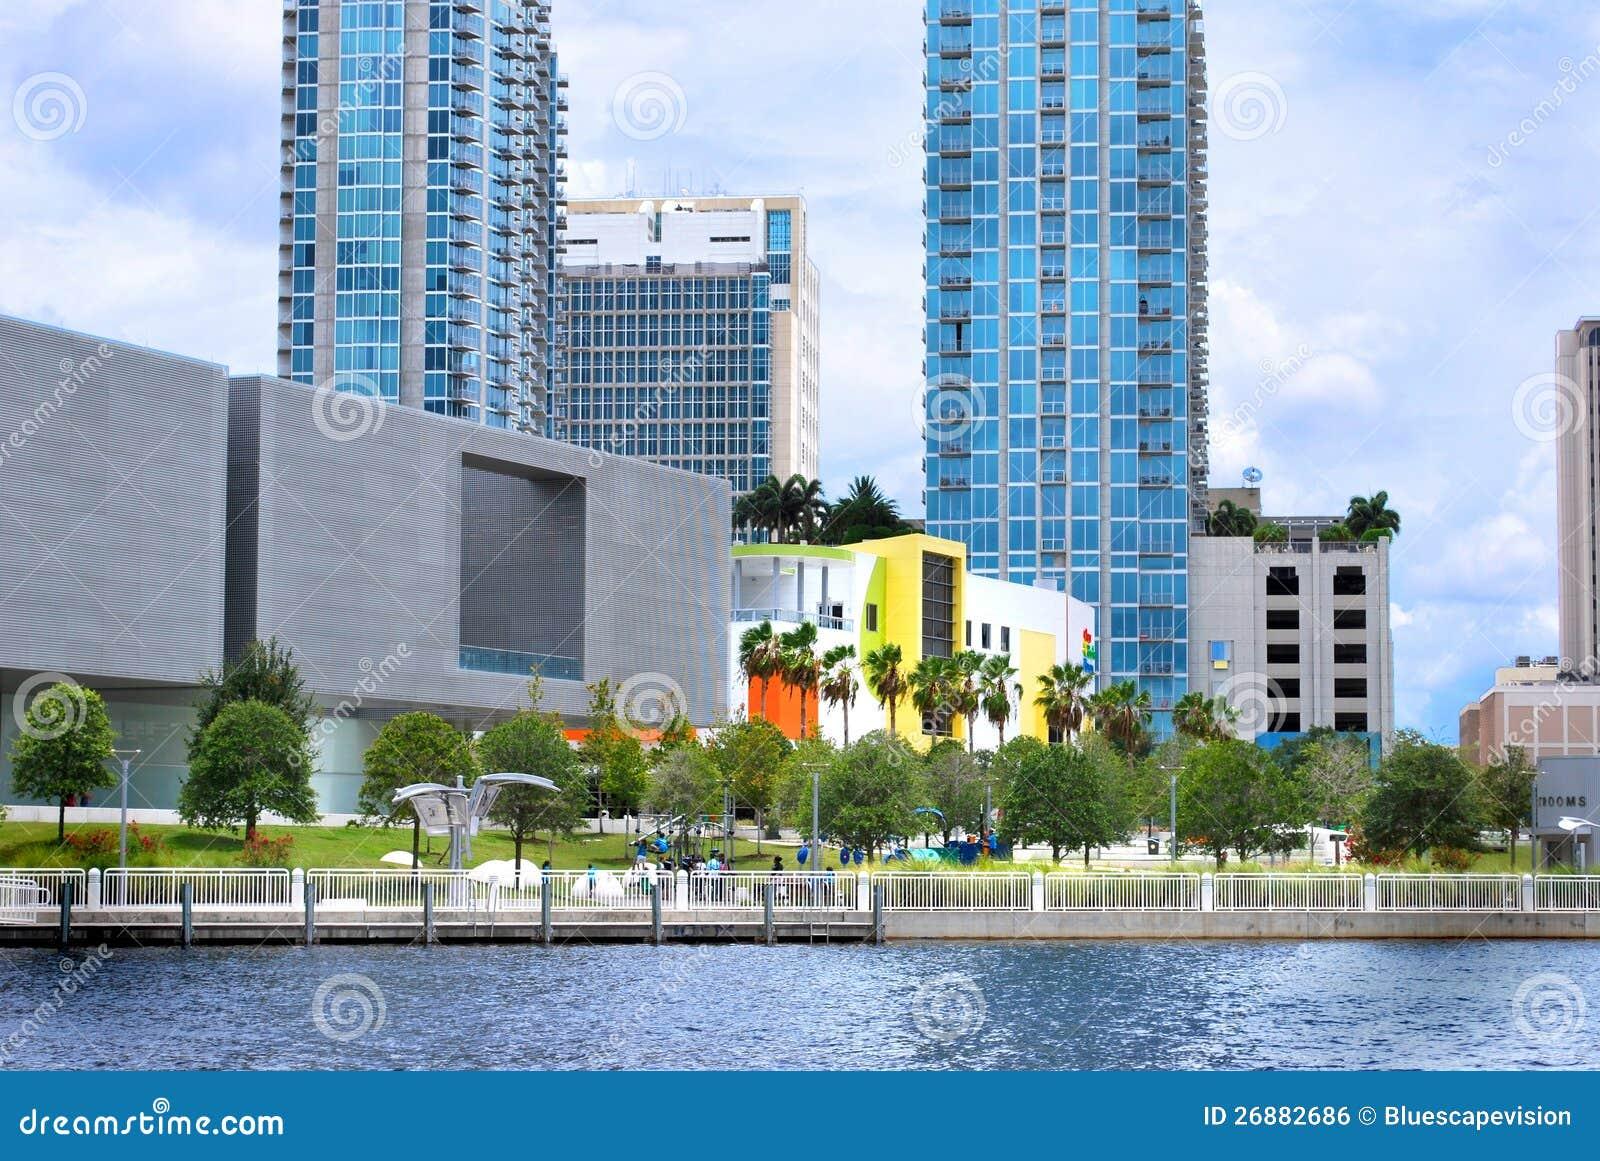 Curtis Hixon Park Downtown Tampa